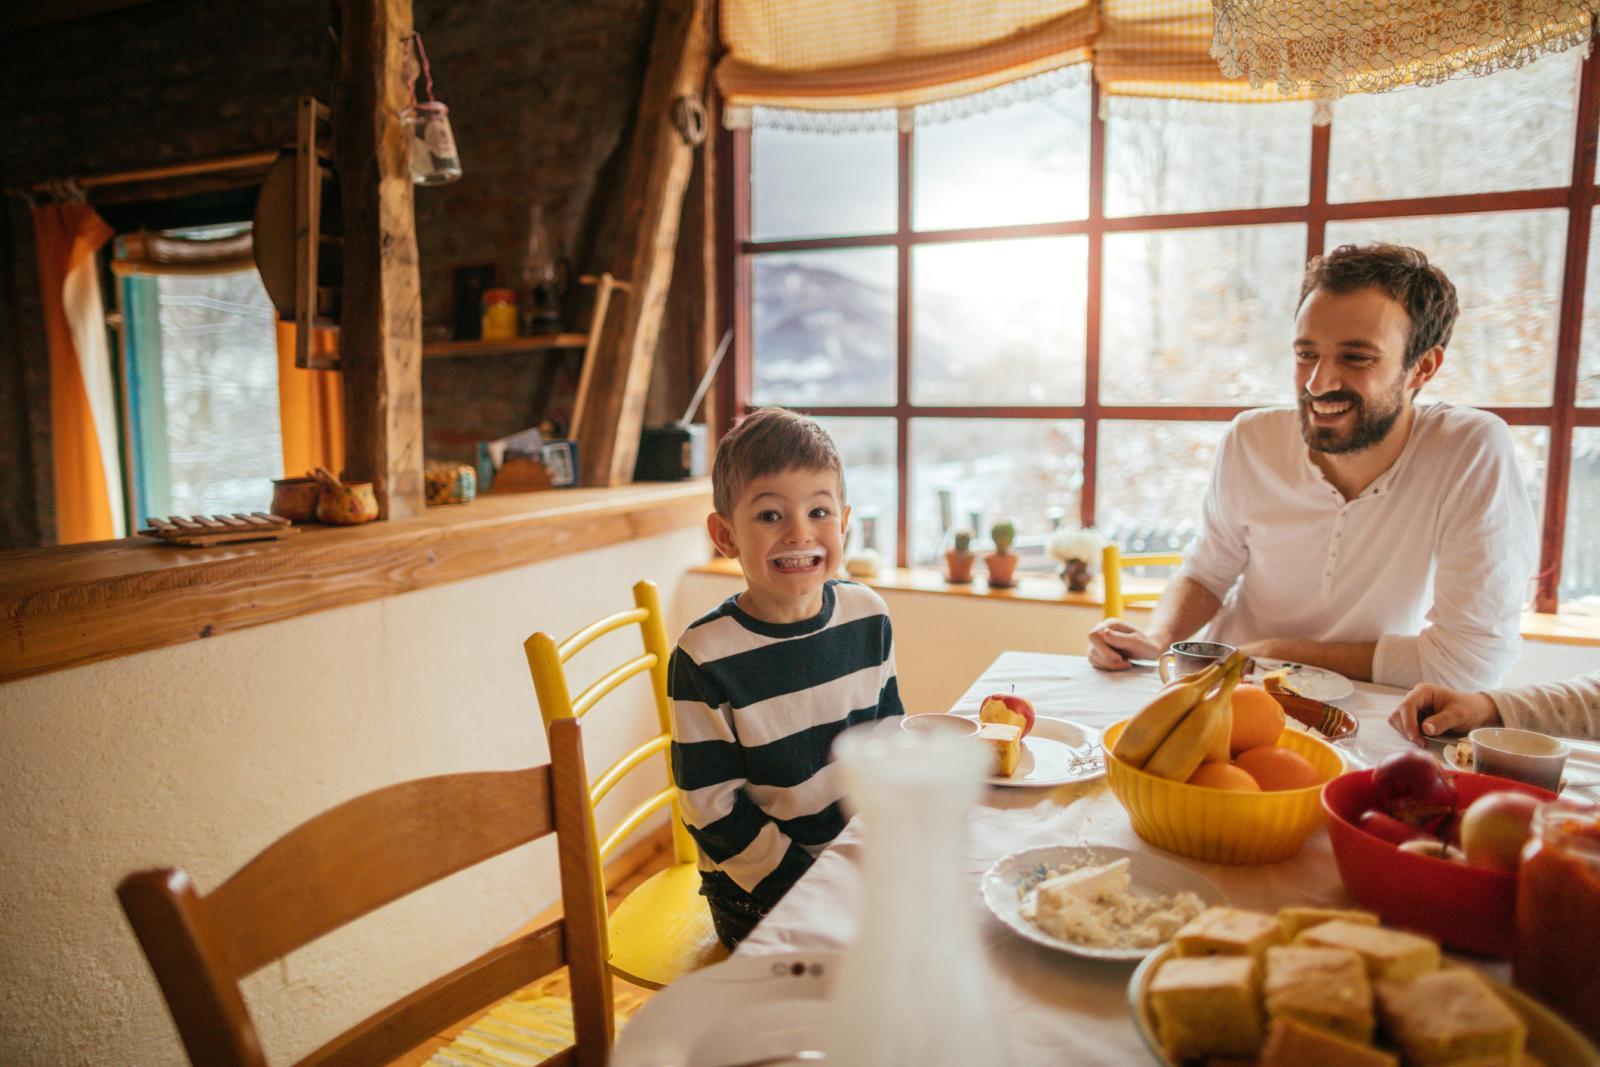 Vitamin D i kalcij su potrebni za normalan rast i razvoj kostiju kod djece.